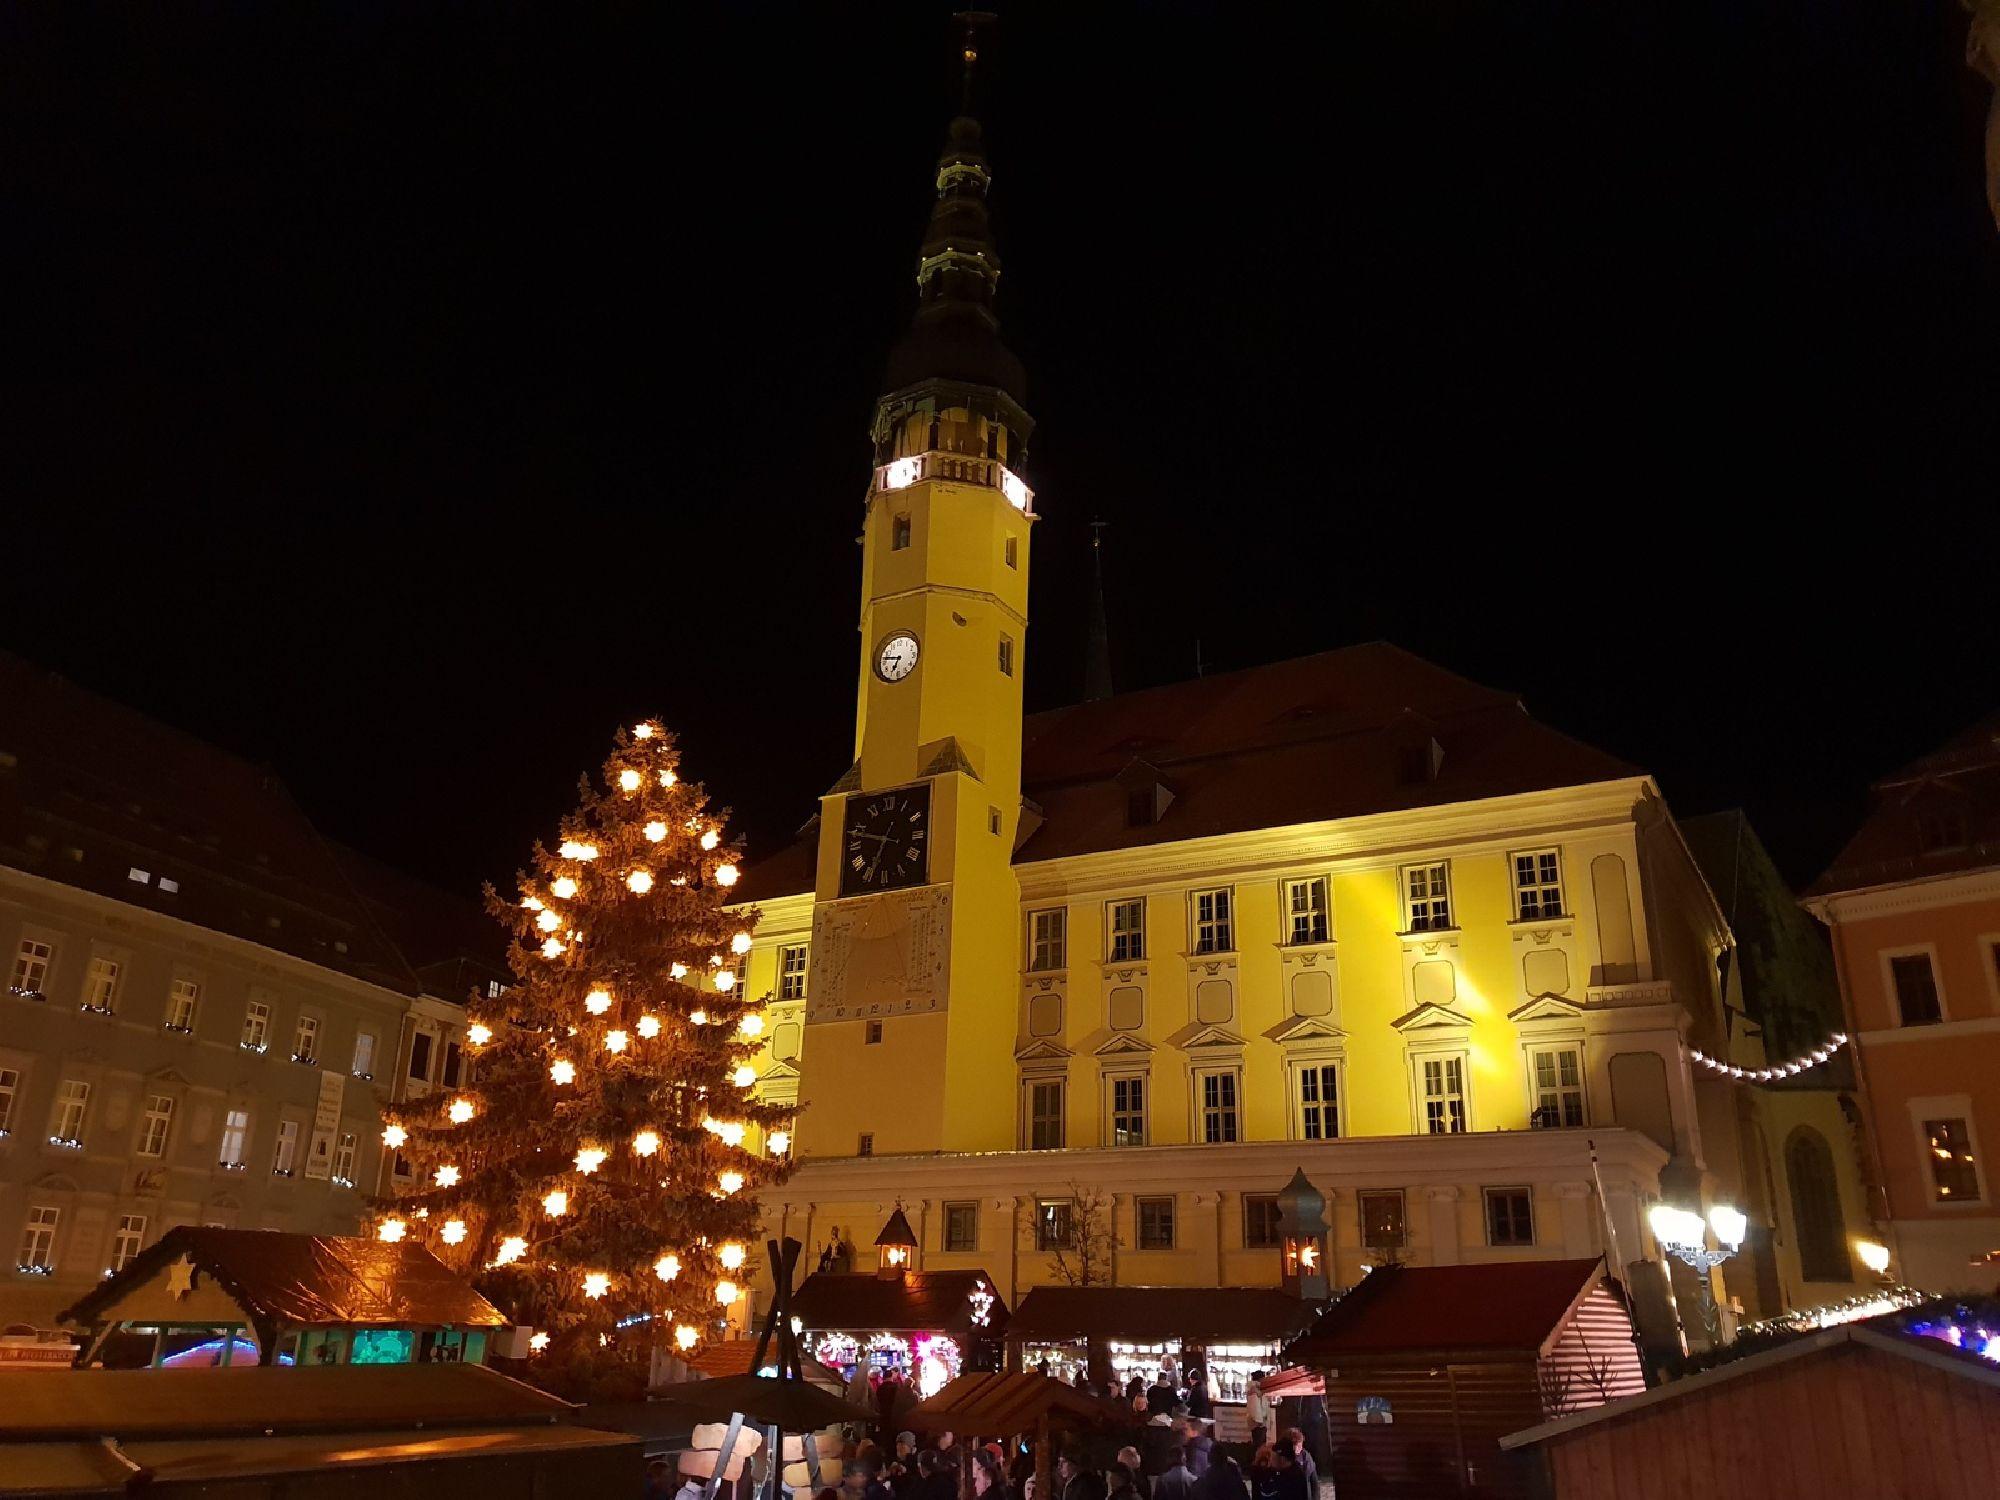 Weihnachtsbaum vor dem Rathaus auf dem Wenzelsmarkt